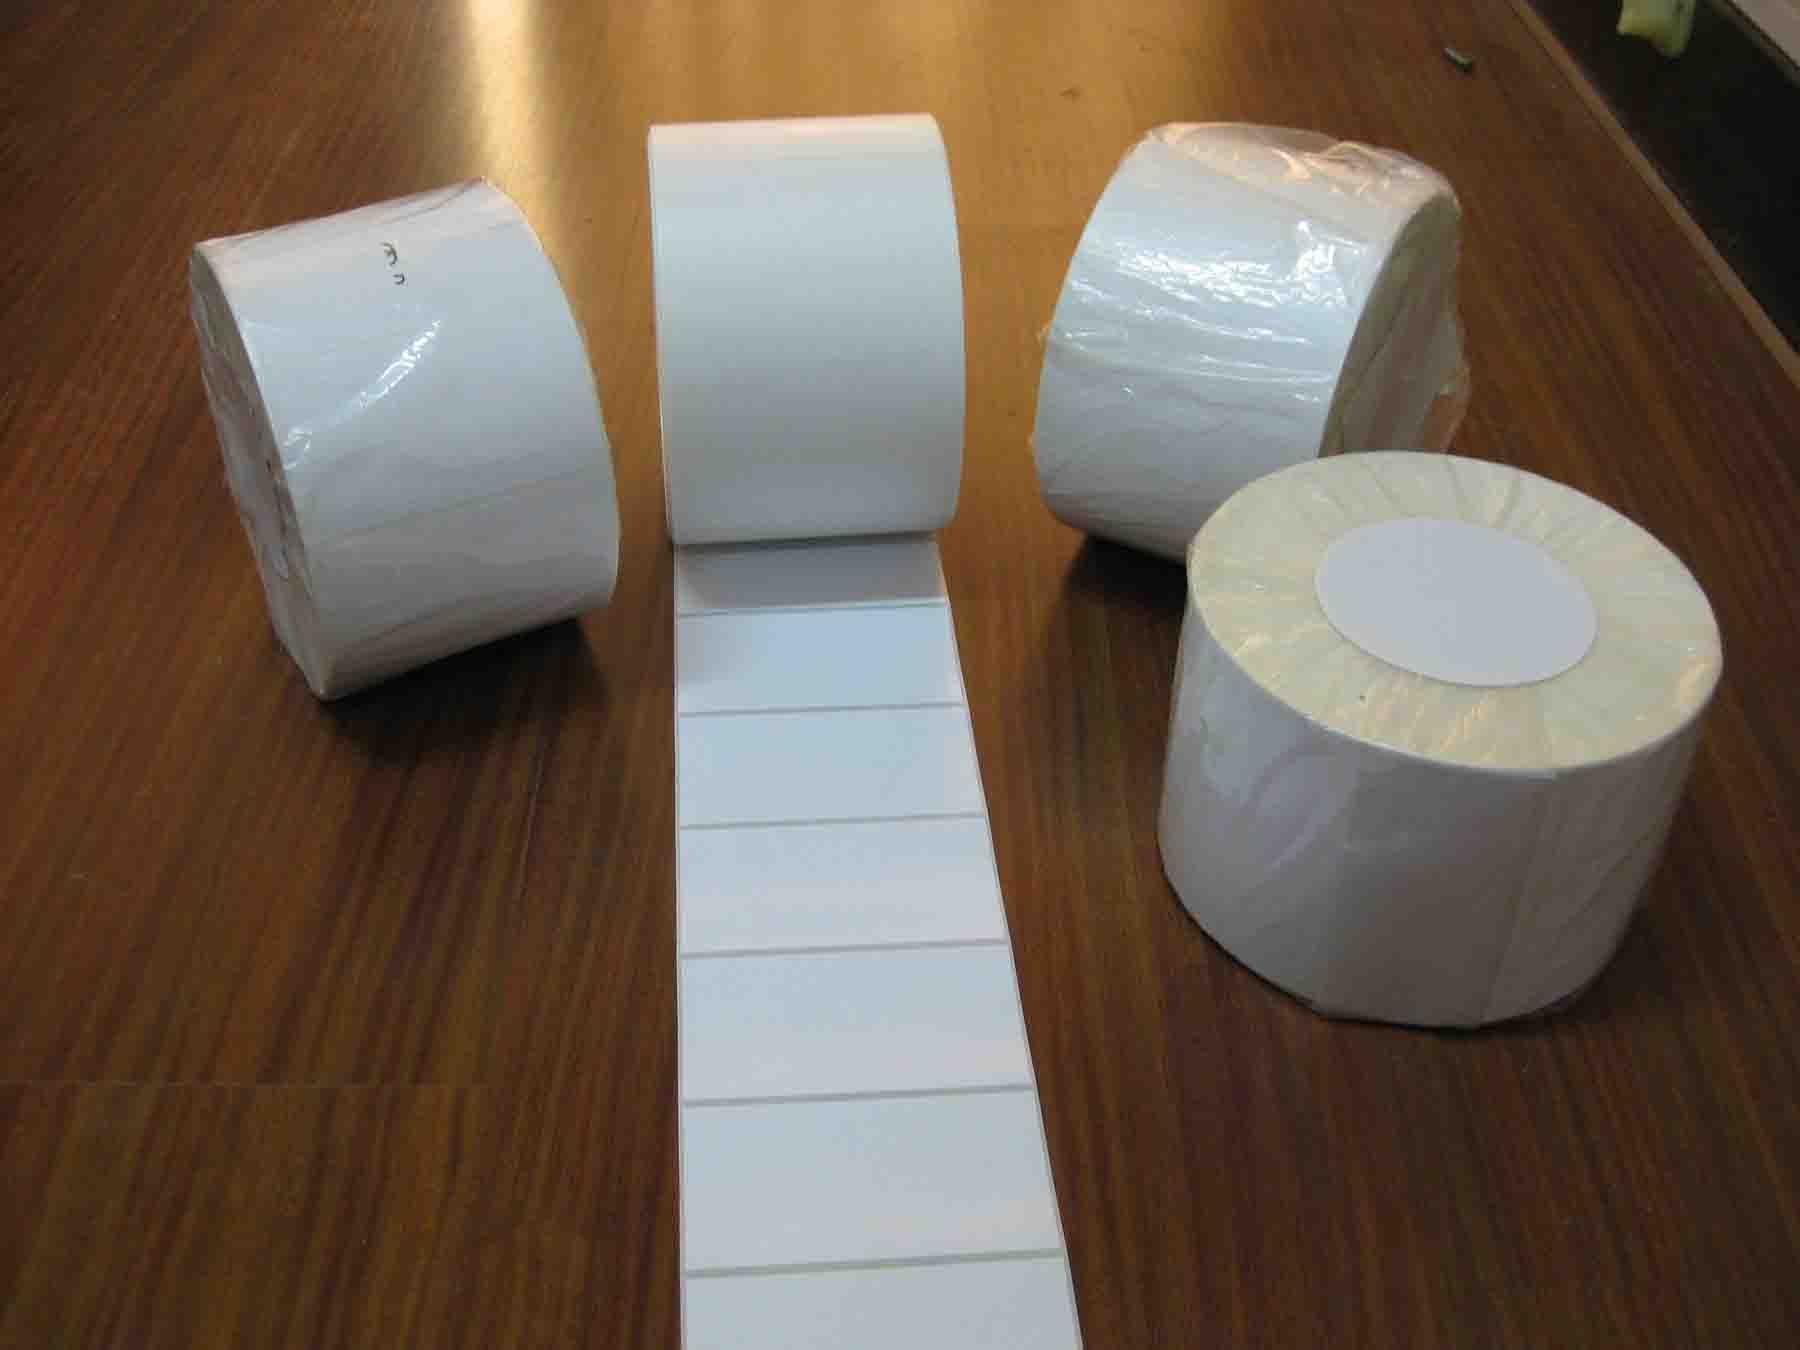 惠州条码标签_透明标签生产厂家推荐-惠州市鸿昌达科技有限公司